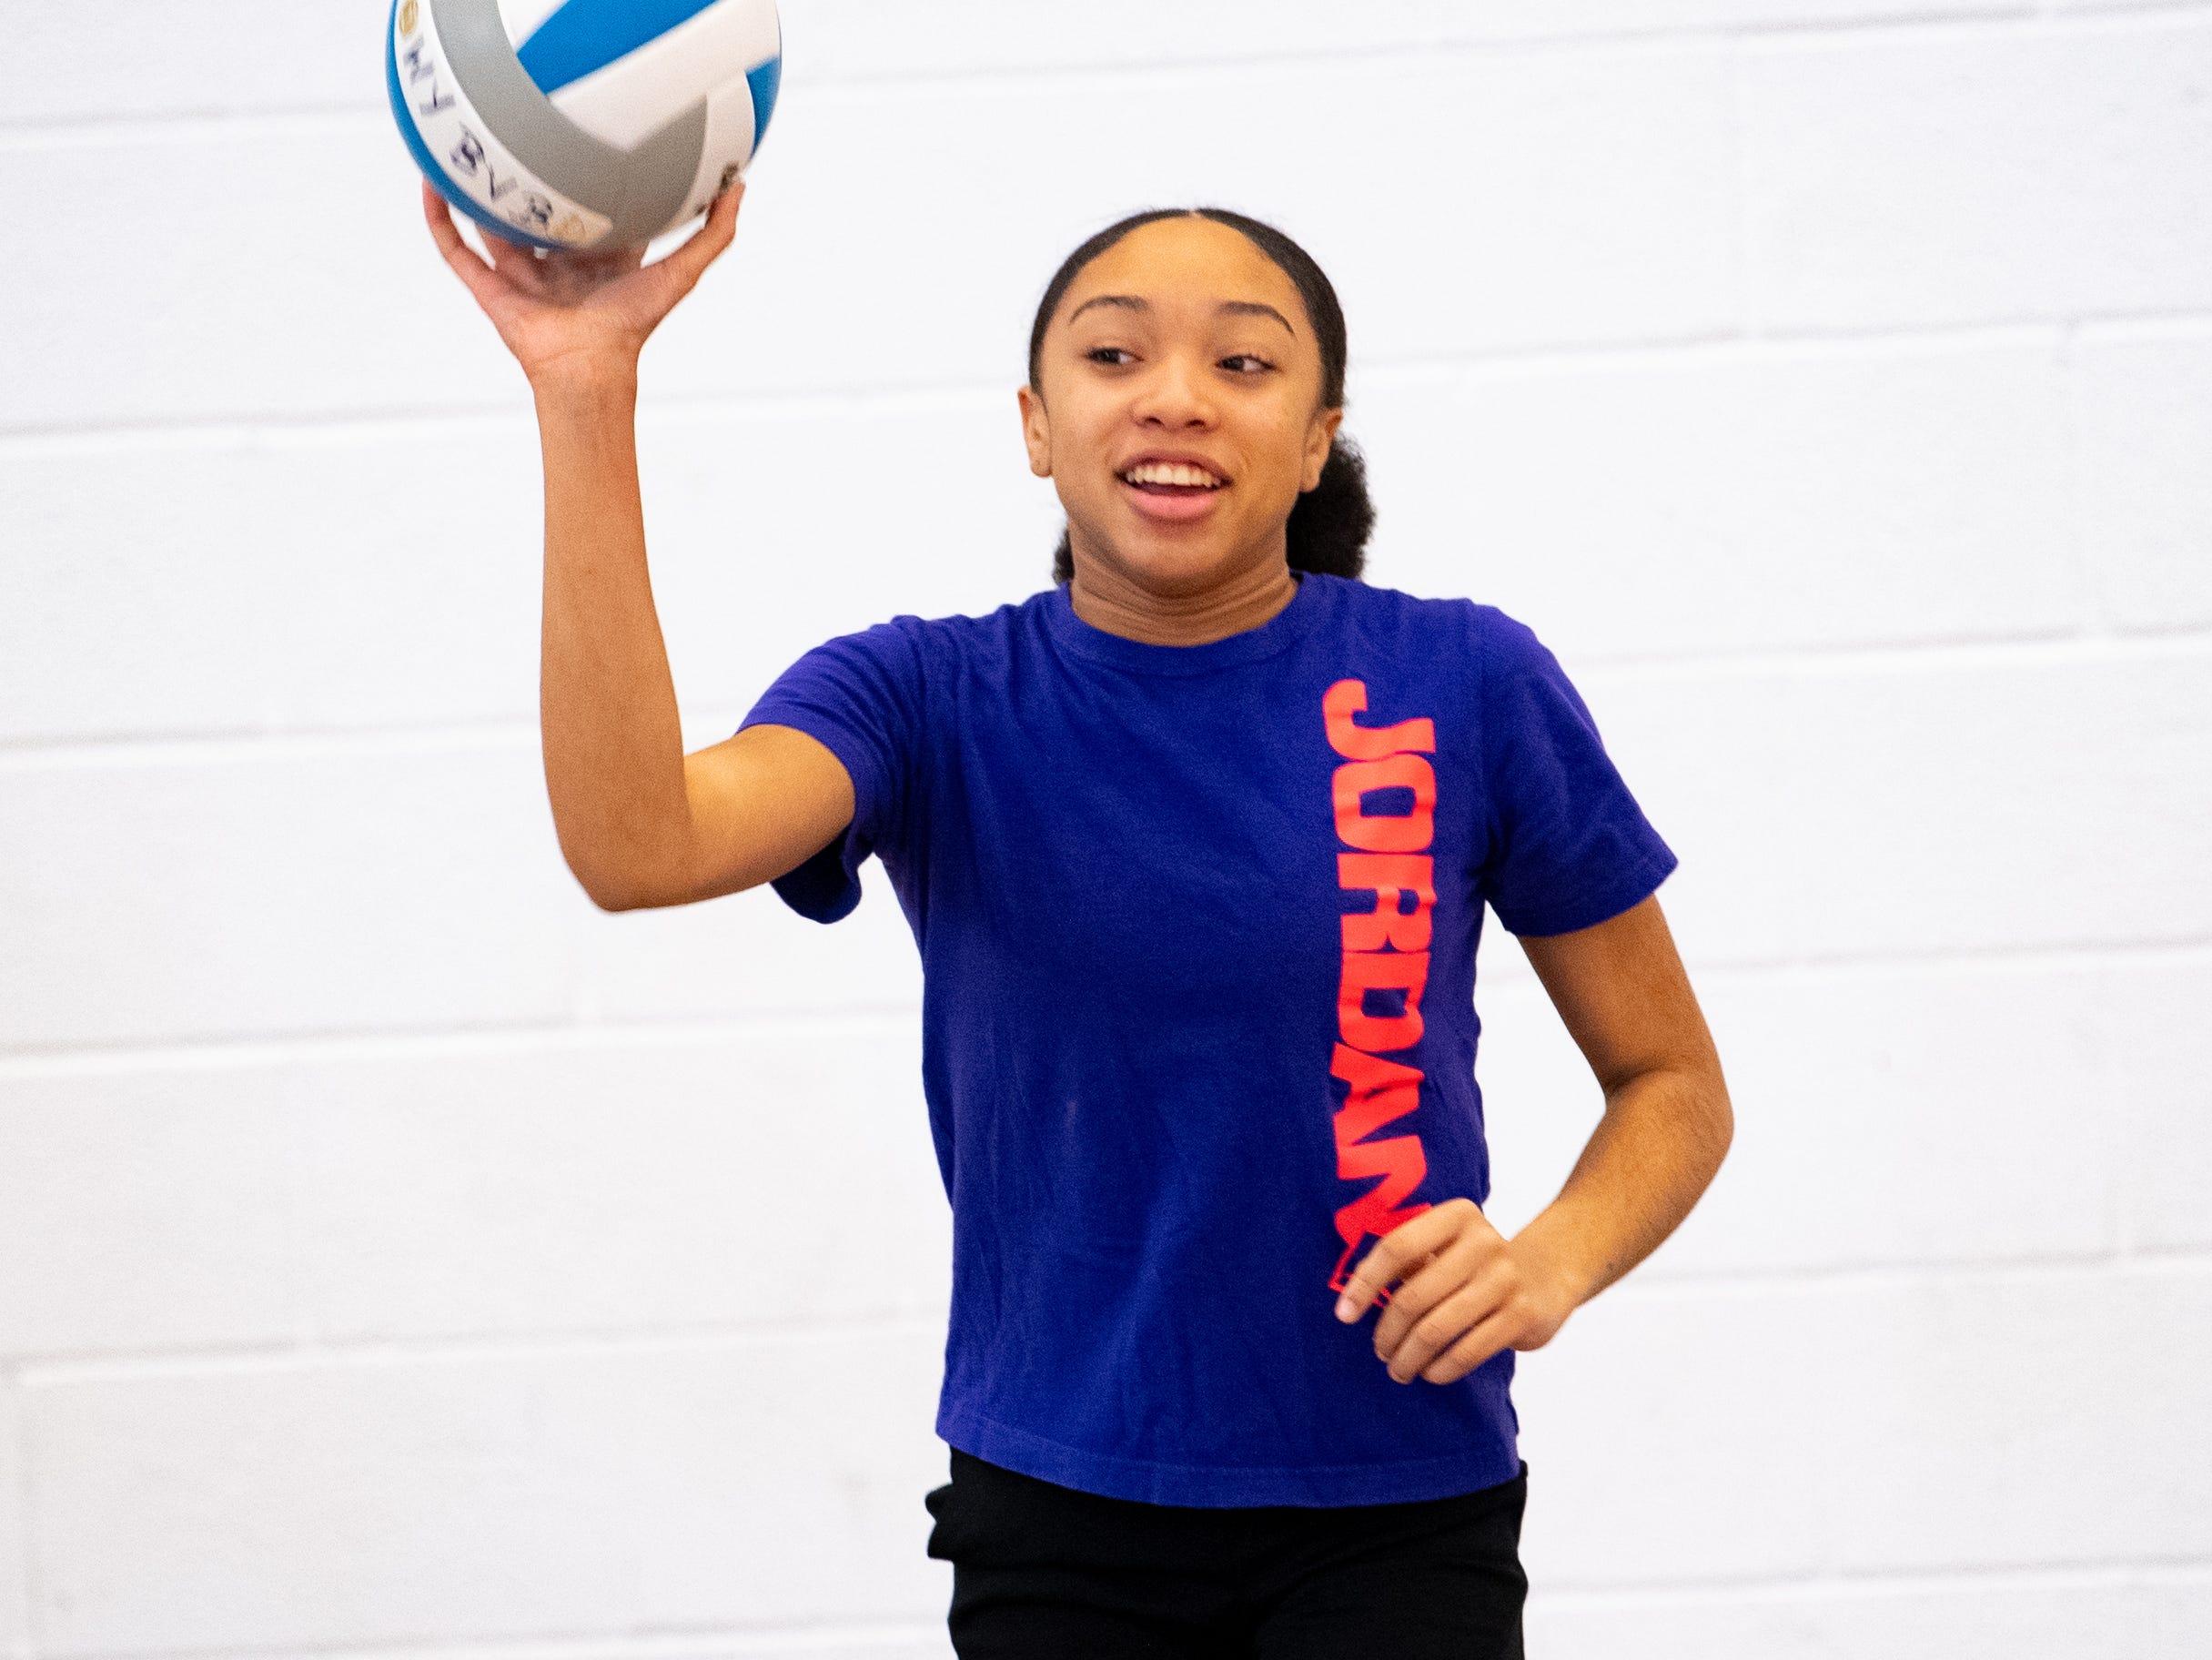 West York's girls' volleyball team runs through drills during practice, March 5, 2019.